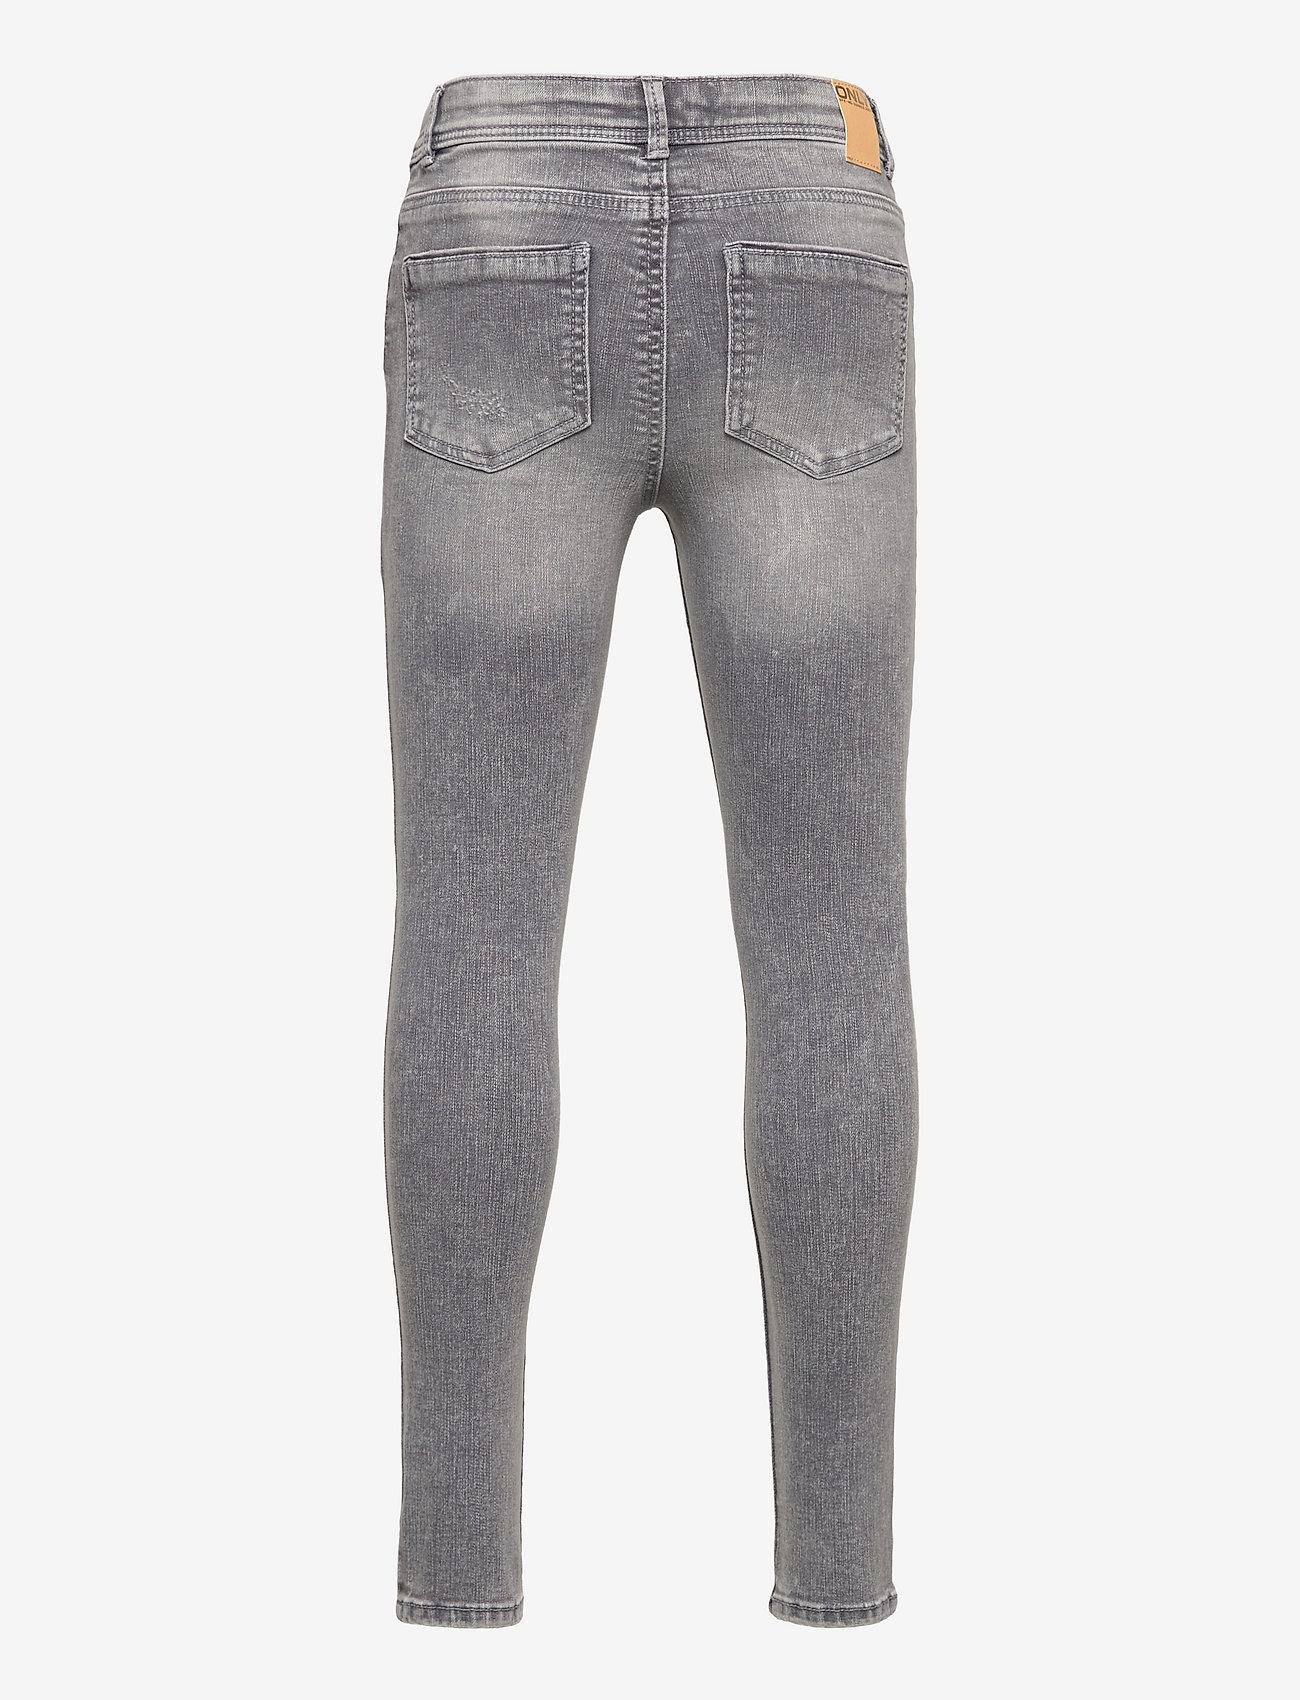 Kids Only - KONWAUW LIFE SKINNY BJ732 - jeans - grey denim - 1